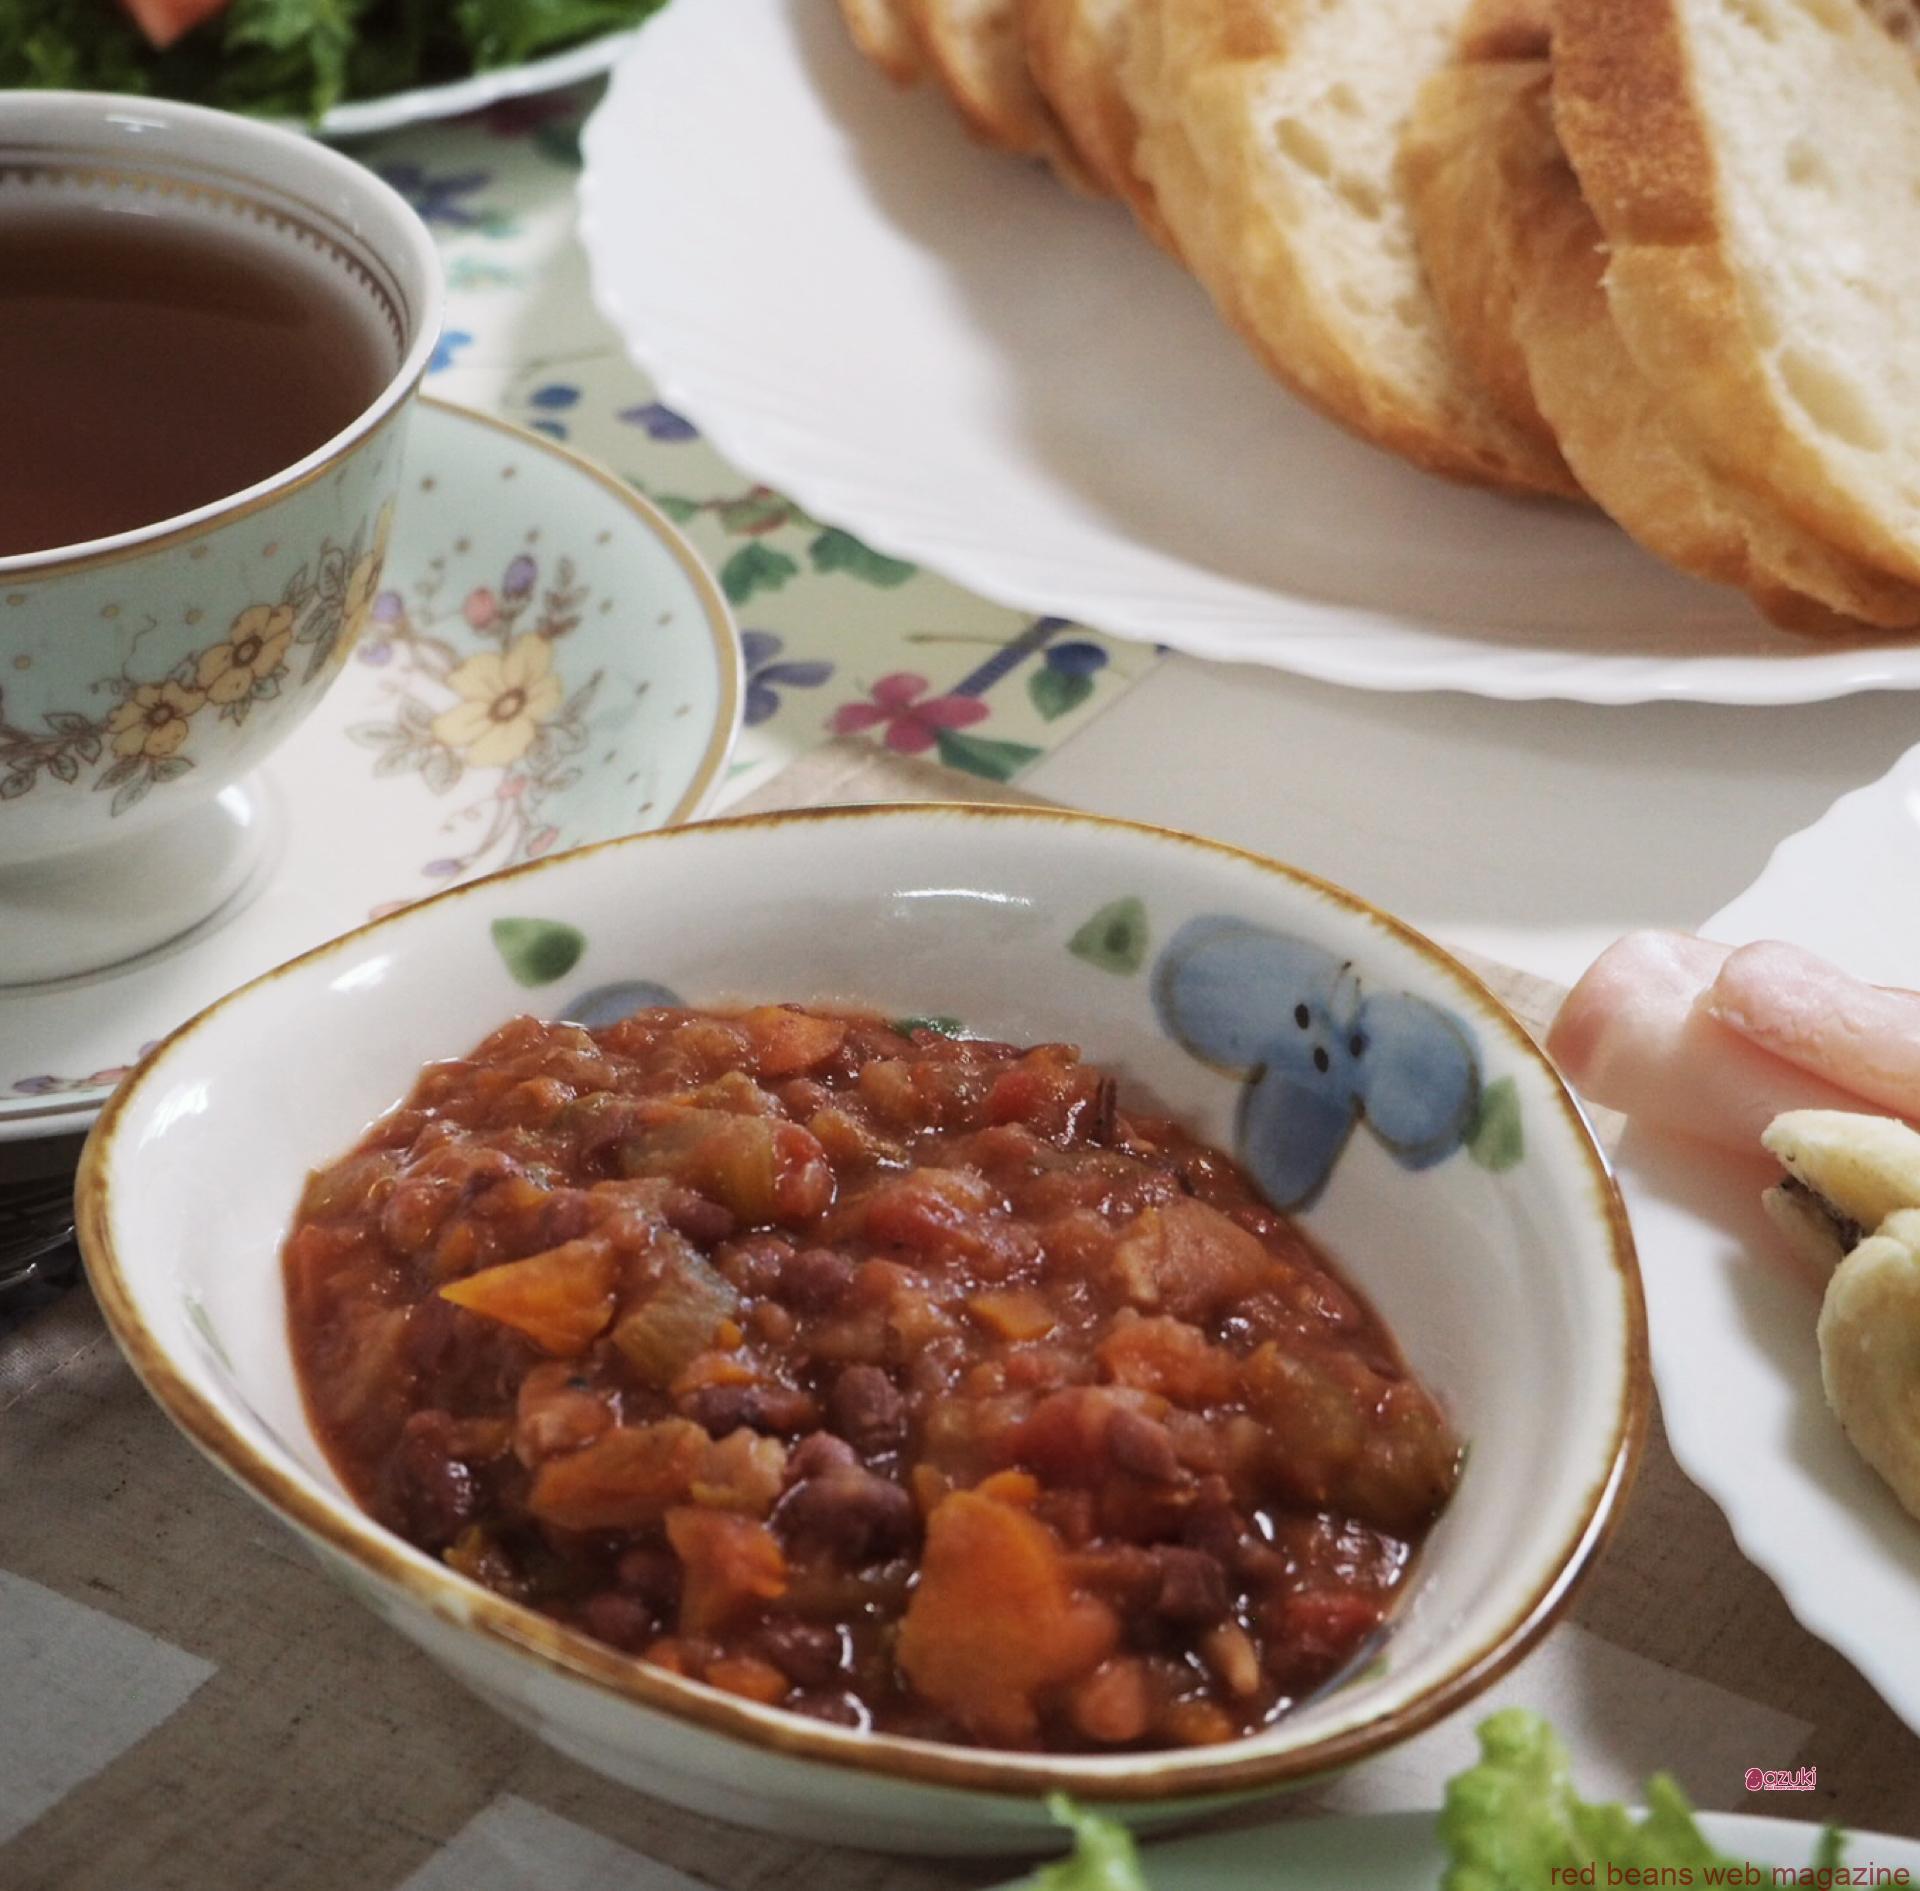 ヴィーガンのお客様にもそうでないお客様にも喜ばれる、小豆ミネストローネ風(ホットクック編)